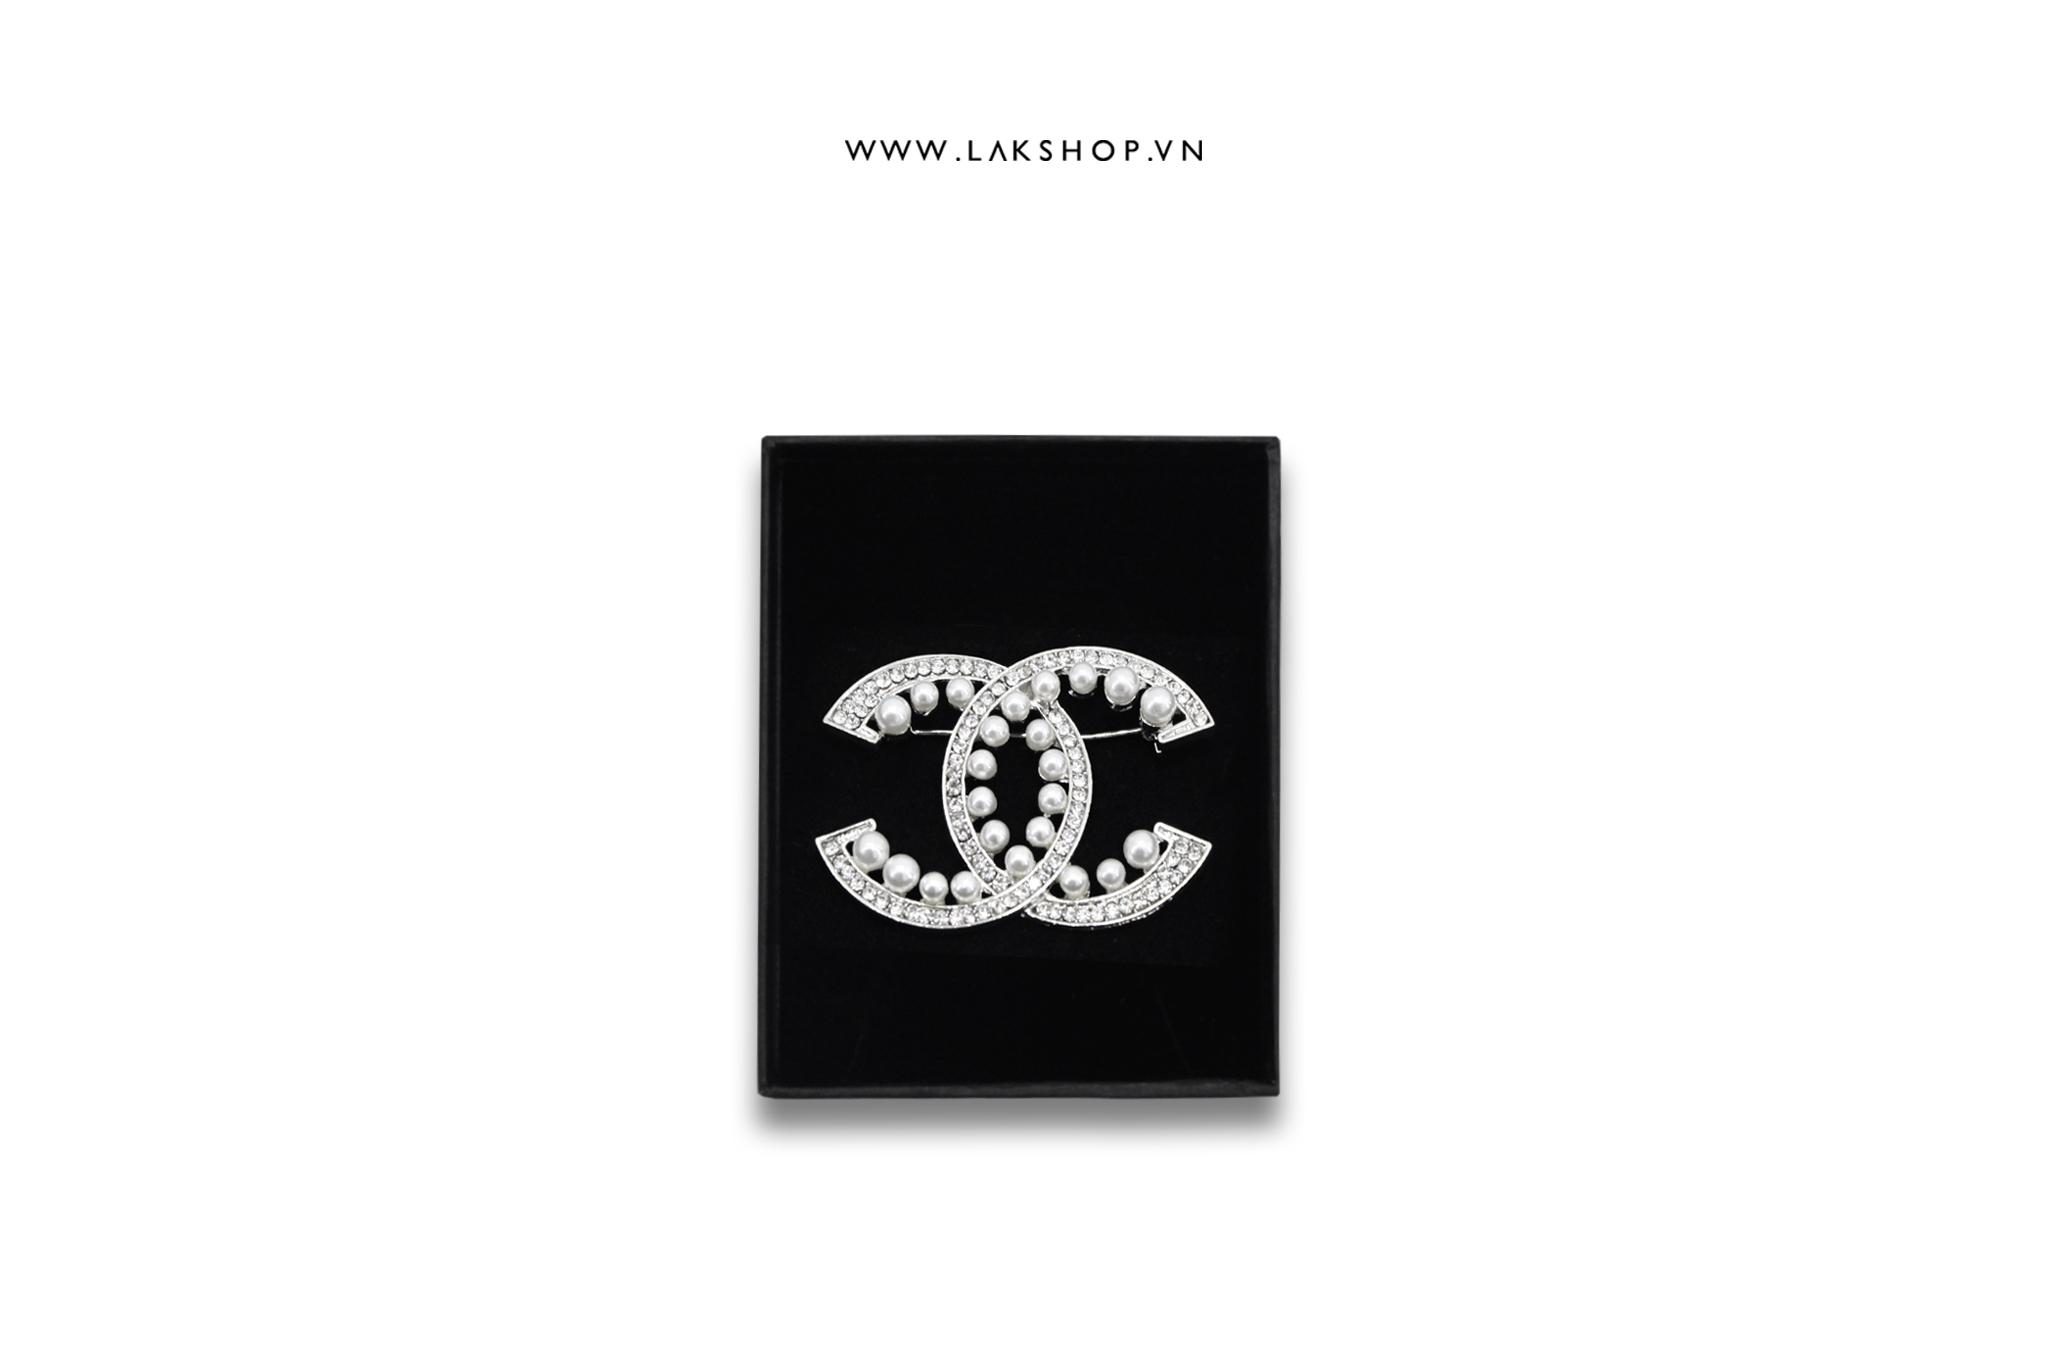 Trâm Cài Chanel Logo CC Đính Ngọc Ngoài